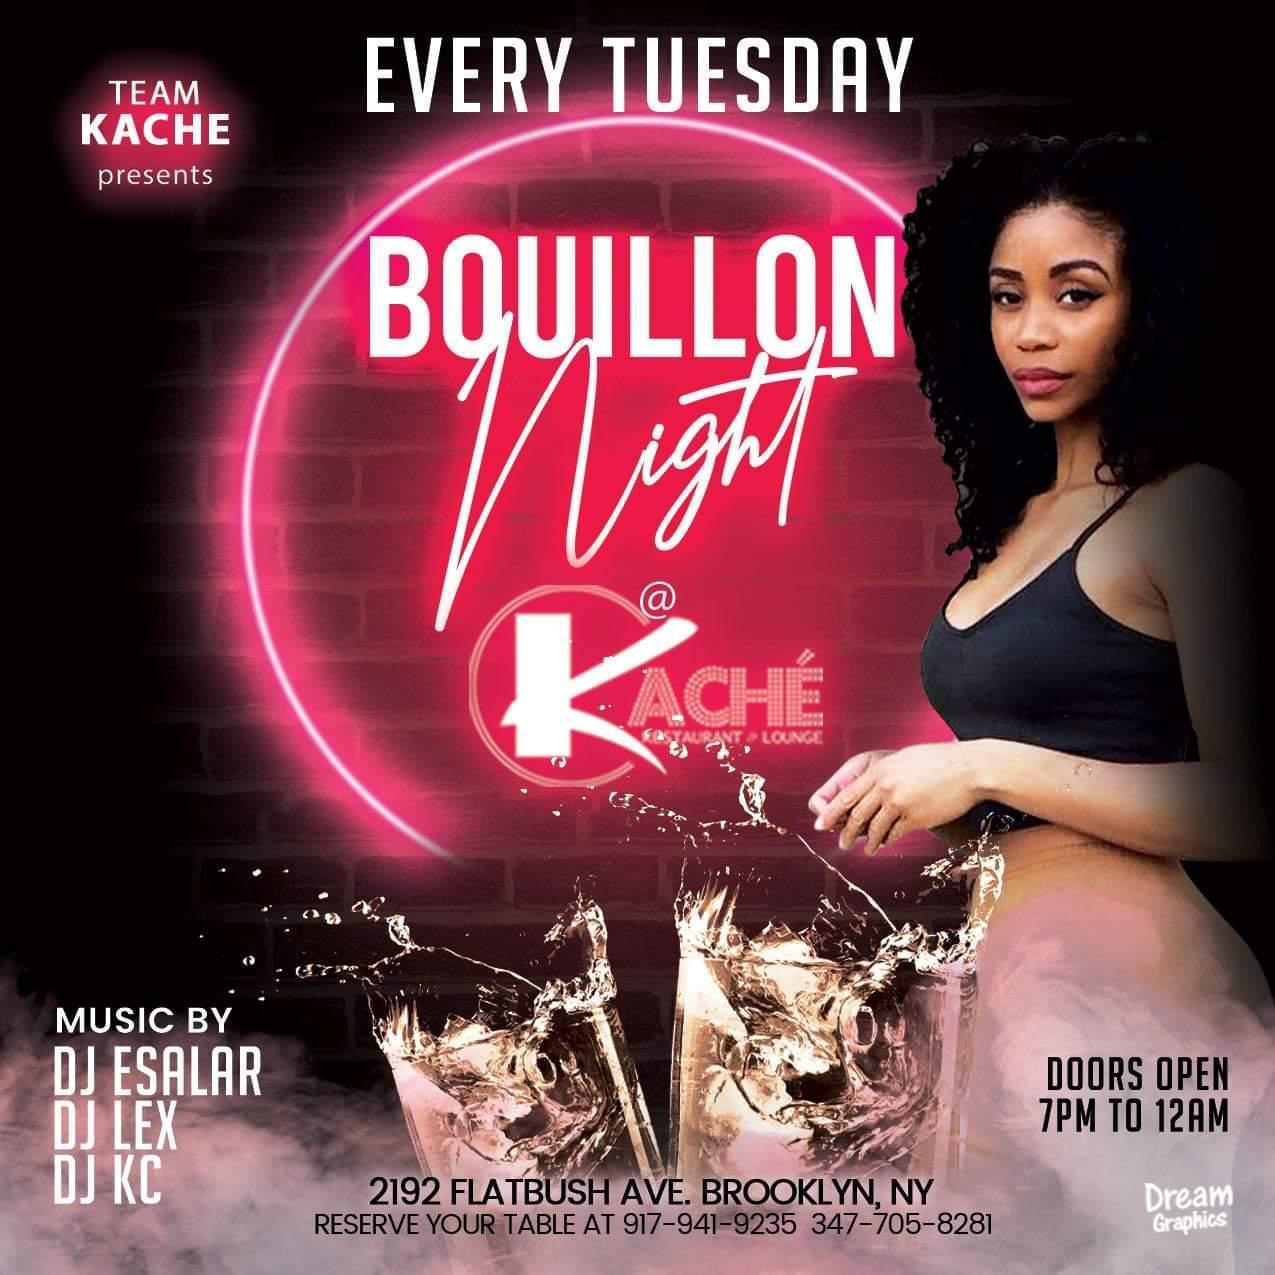 Bouillon Night